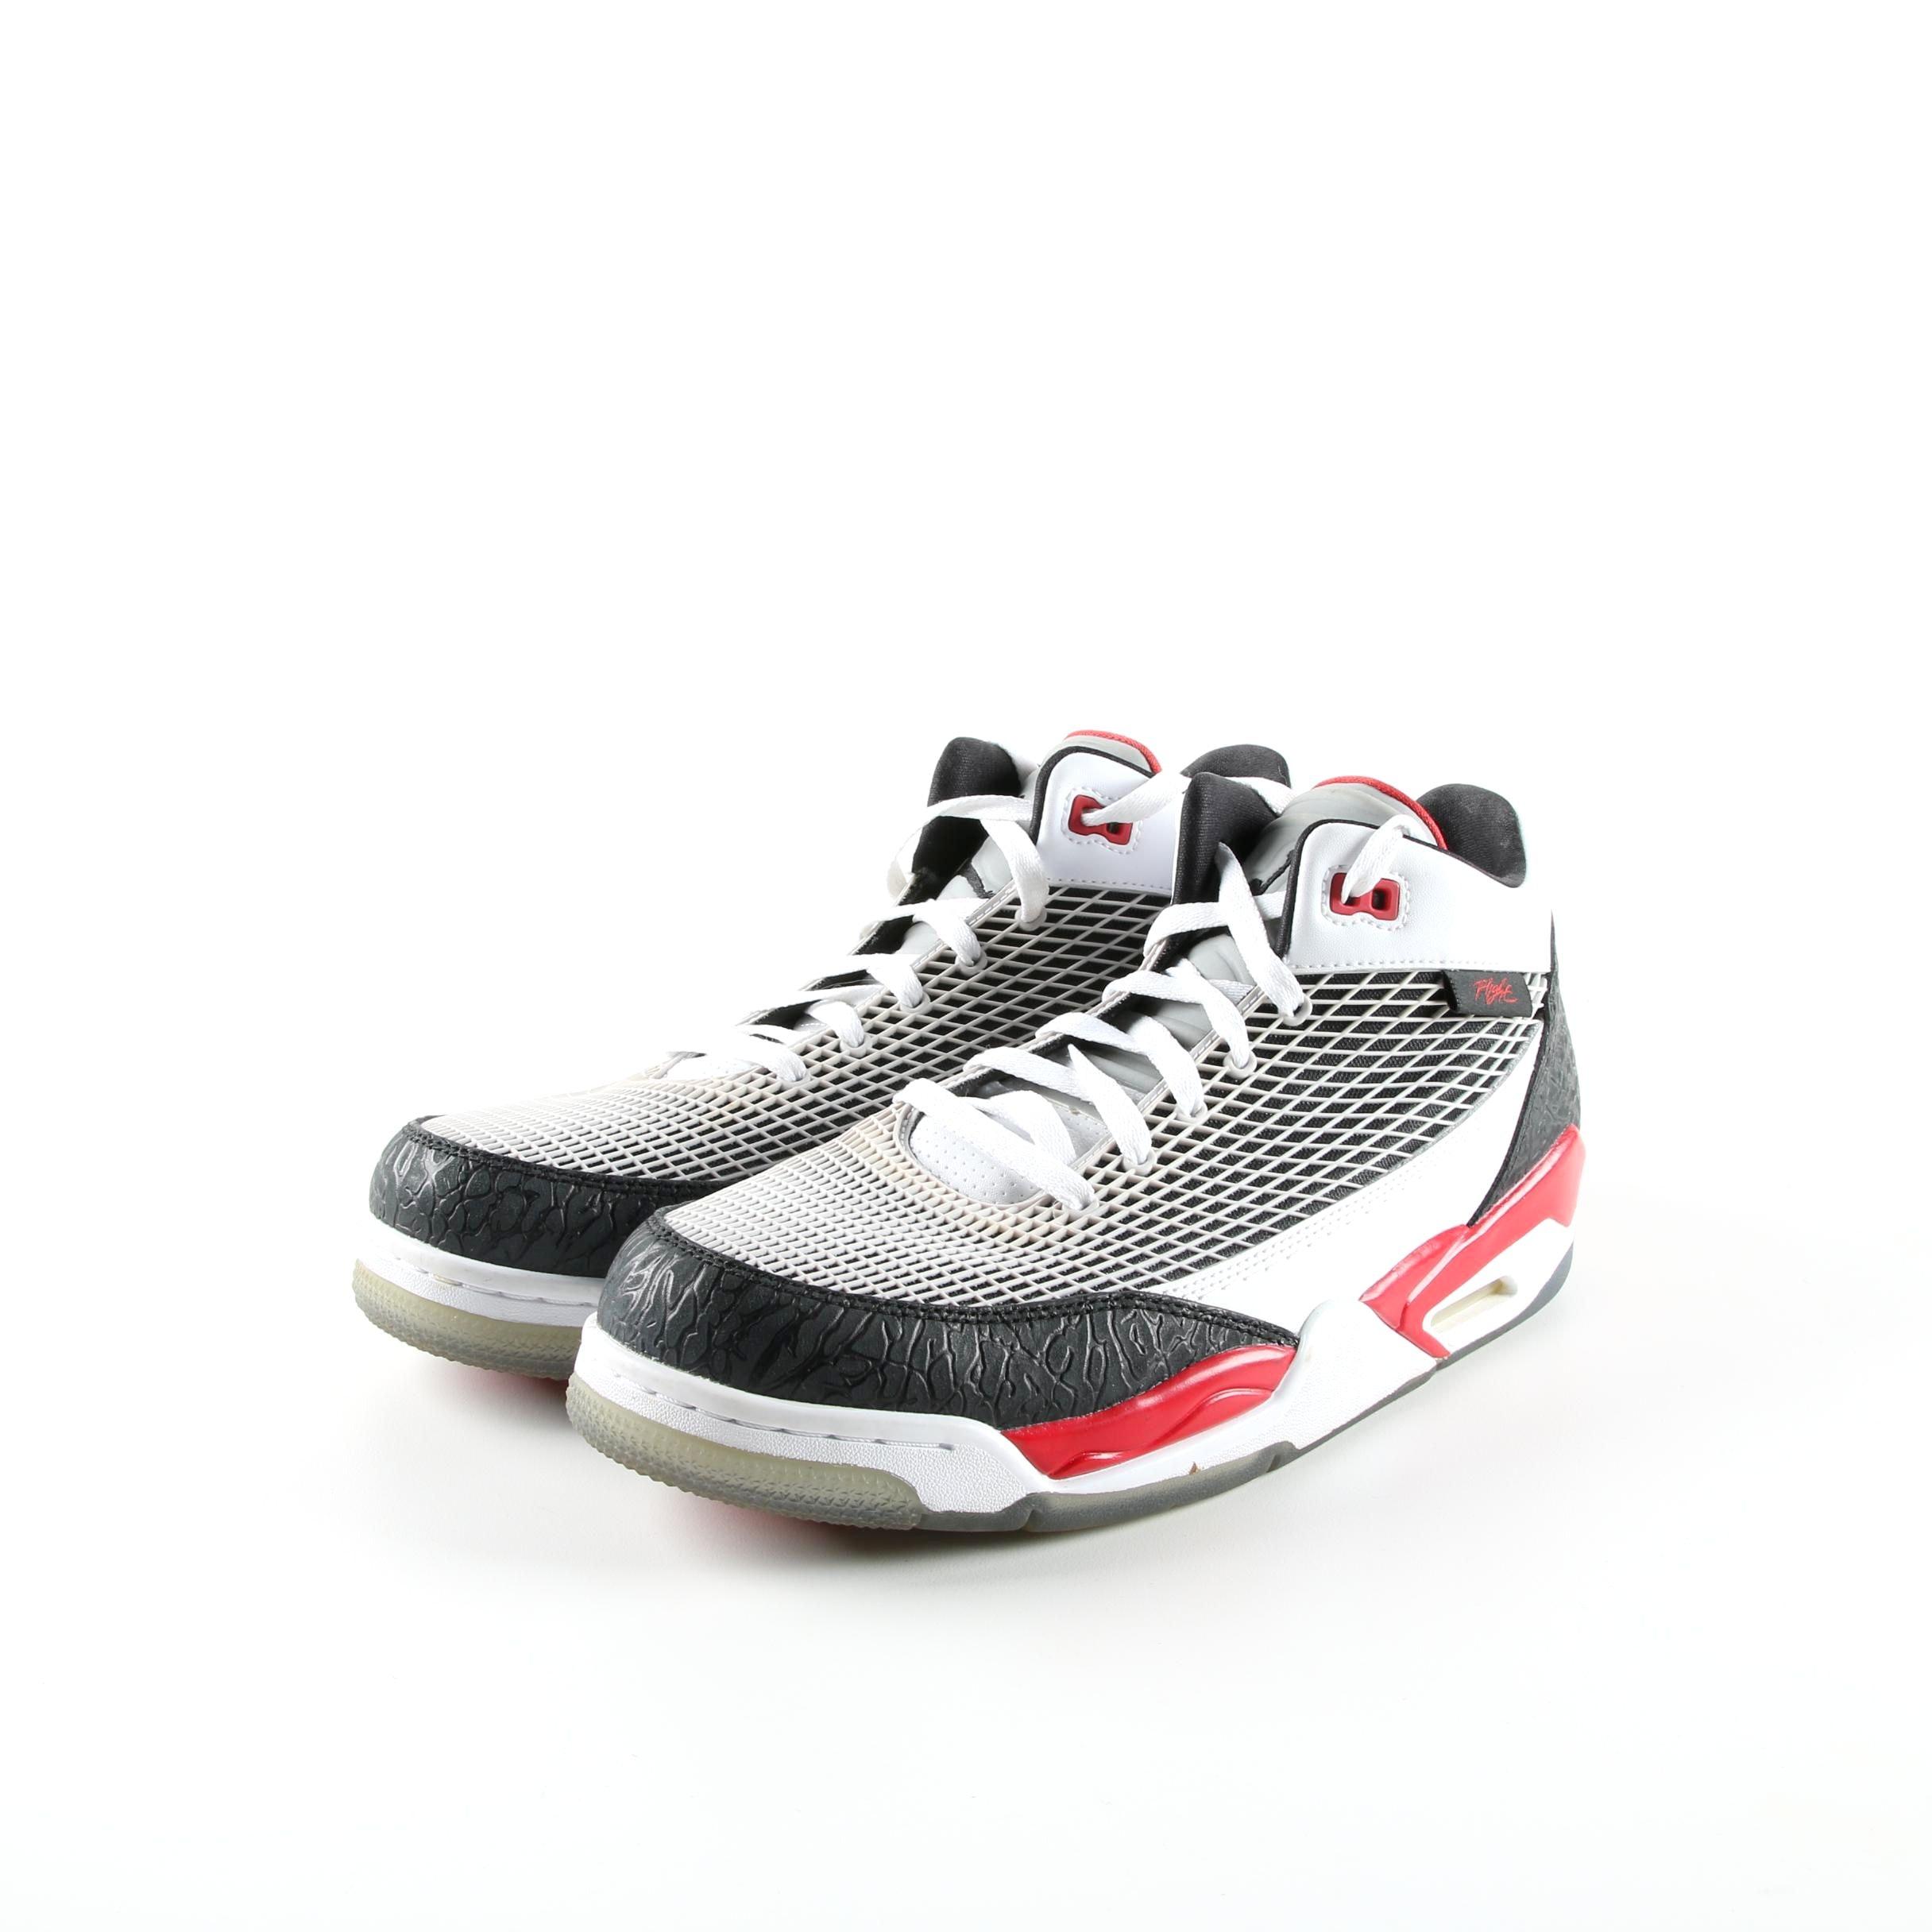 Men's Nike Air Jordan Flight Club 80s Basketball Sneakers